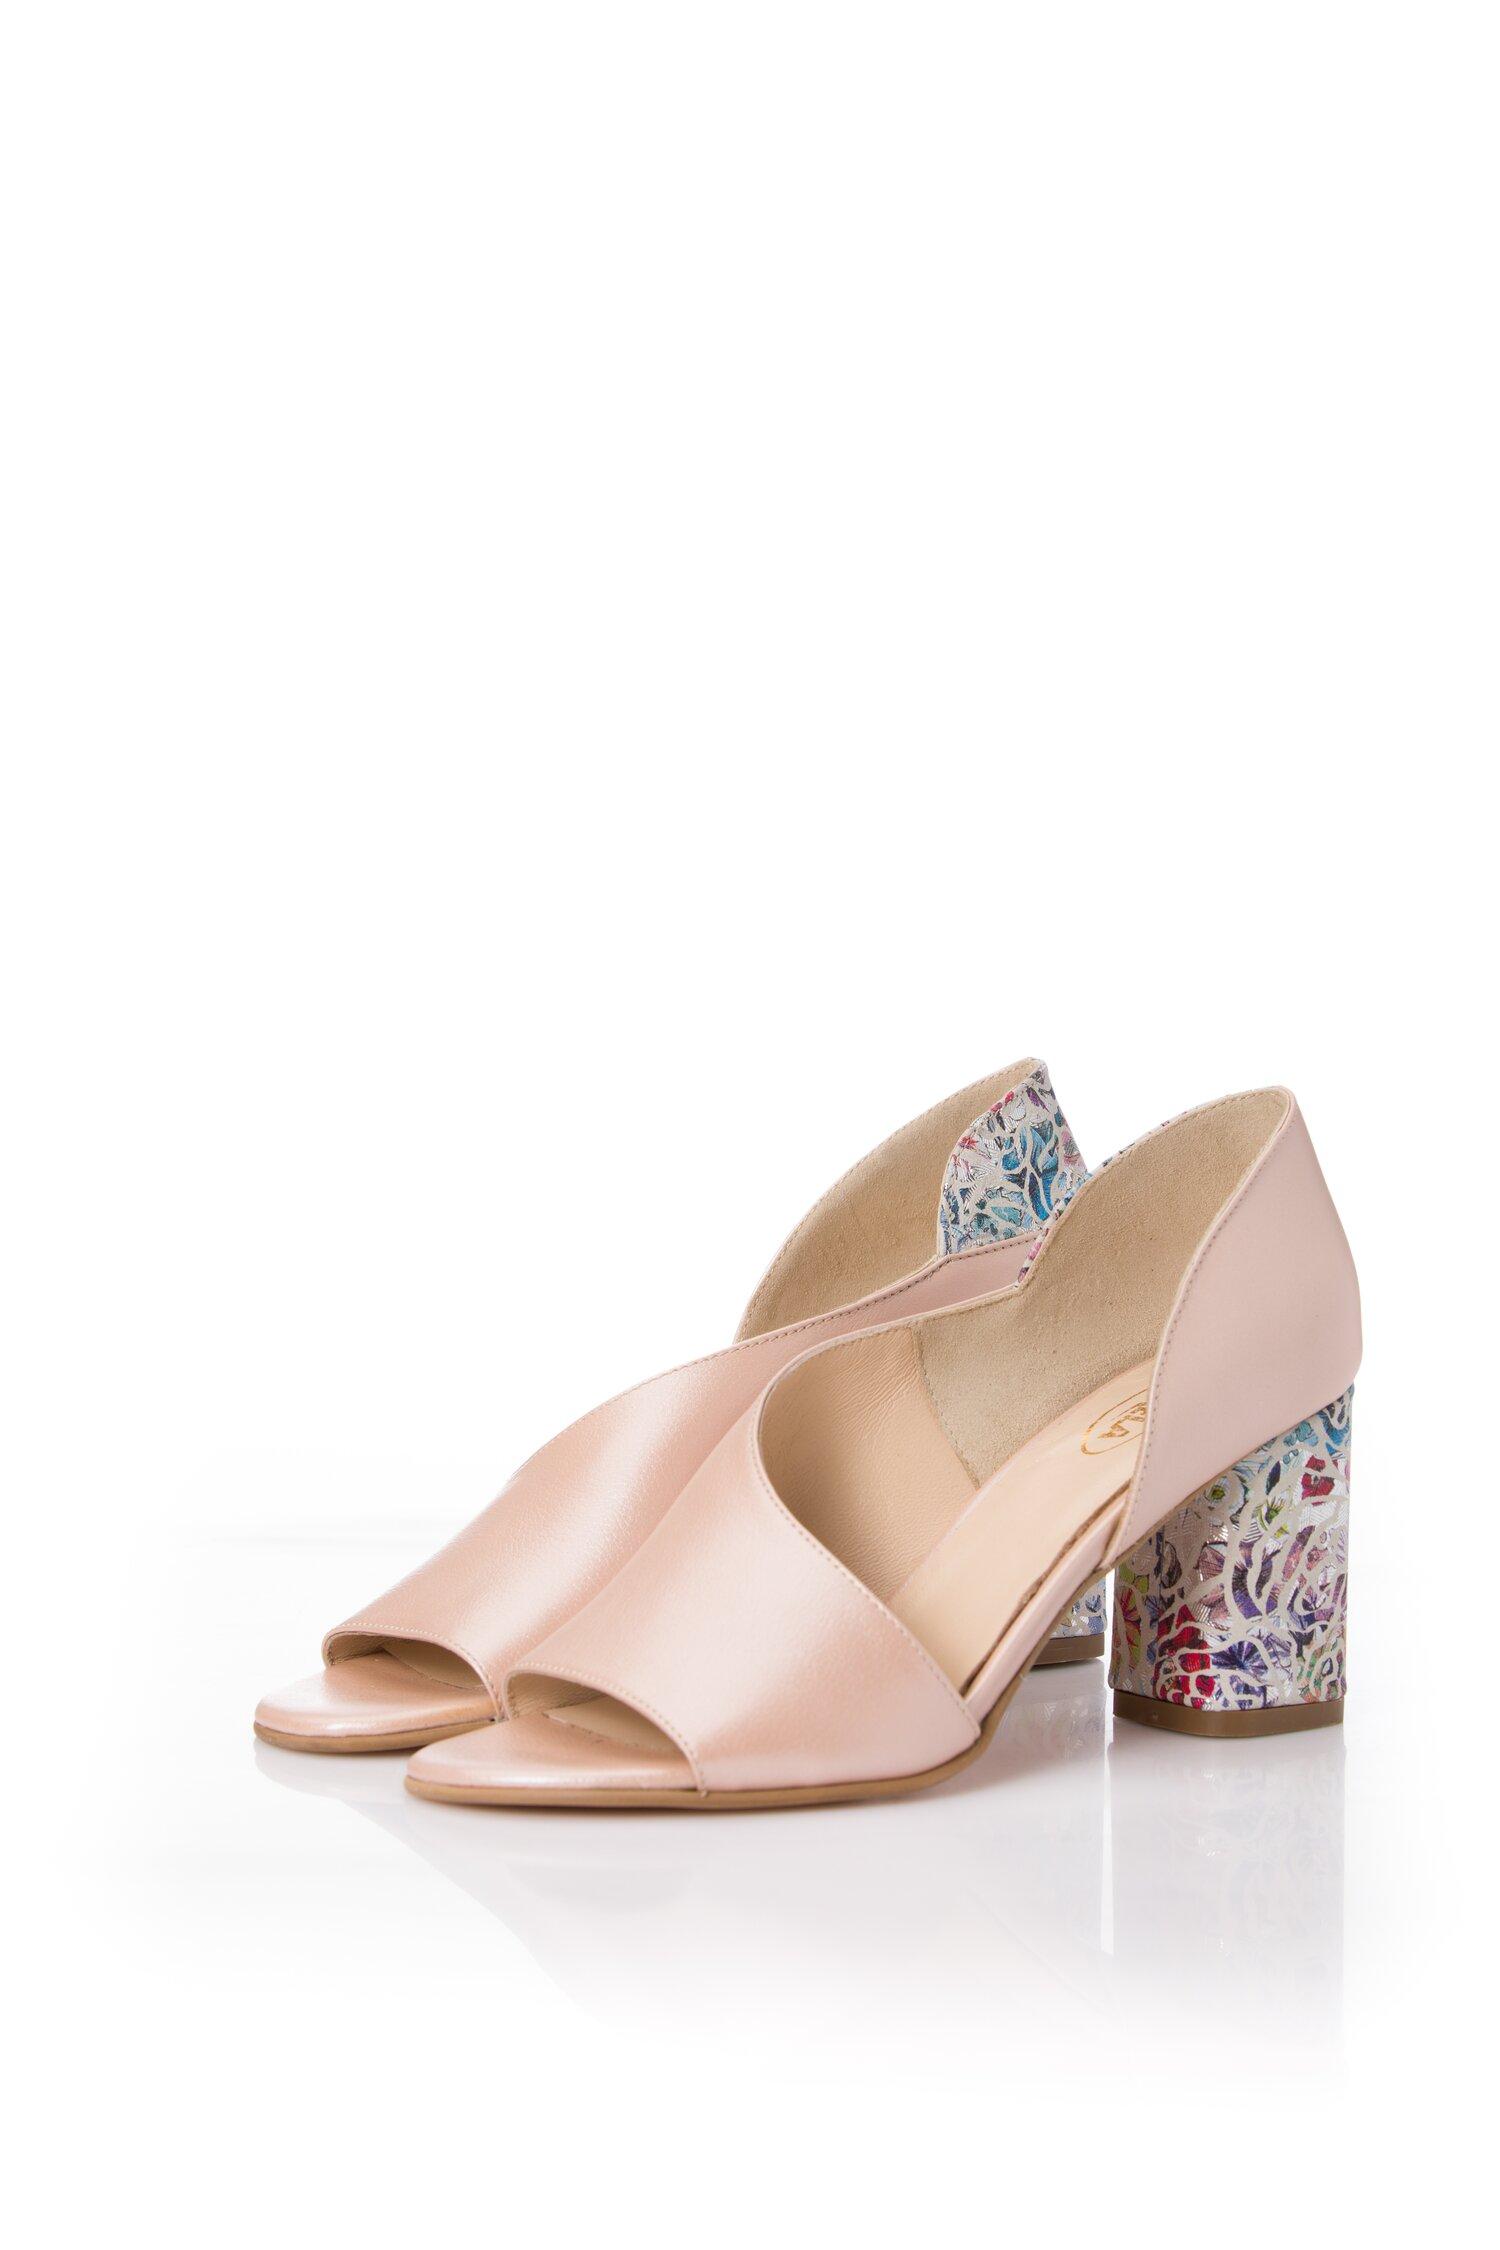 Pantofi roz sidefat cu decupaj in fata si lateral si imprimeu pe toc